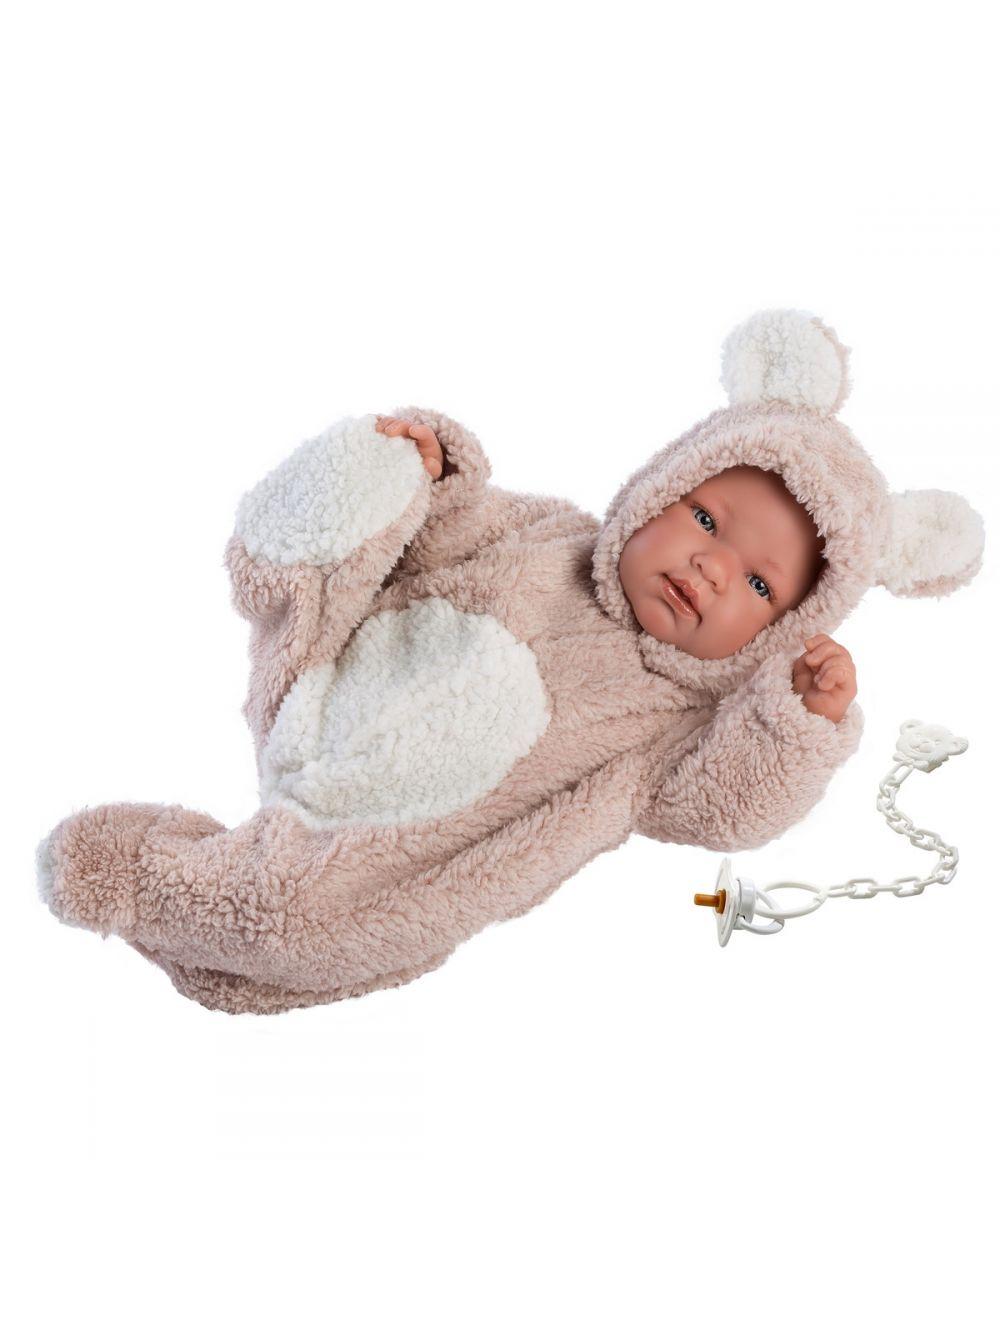 Llorens 84426 Lalka płacząca bobas Beba 43 cm pudrowy miś